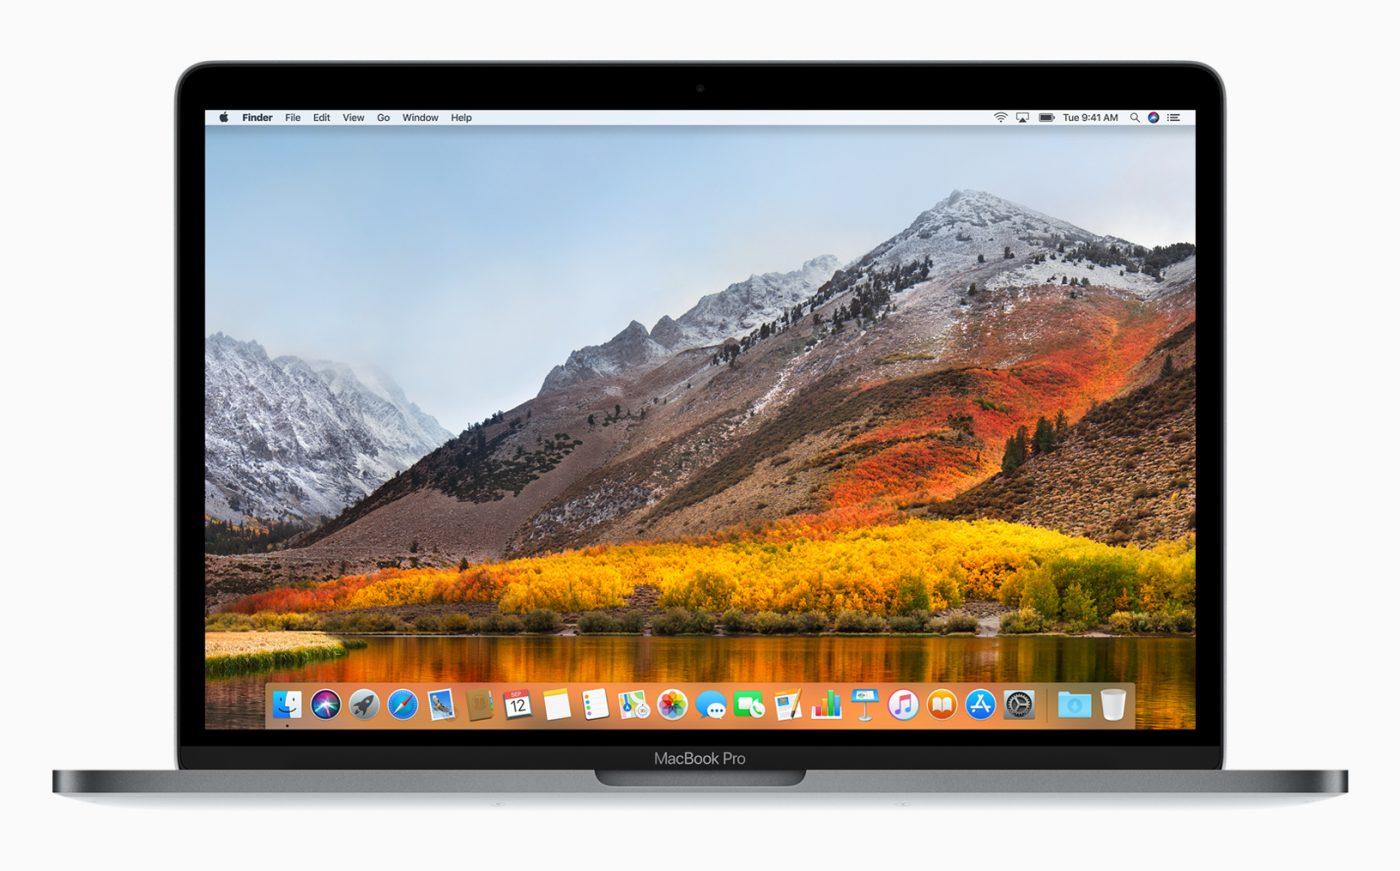 macbook macOS high sierra Australia